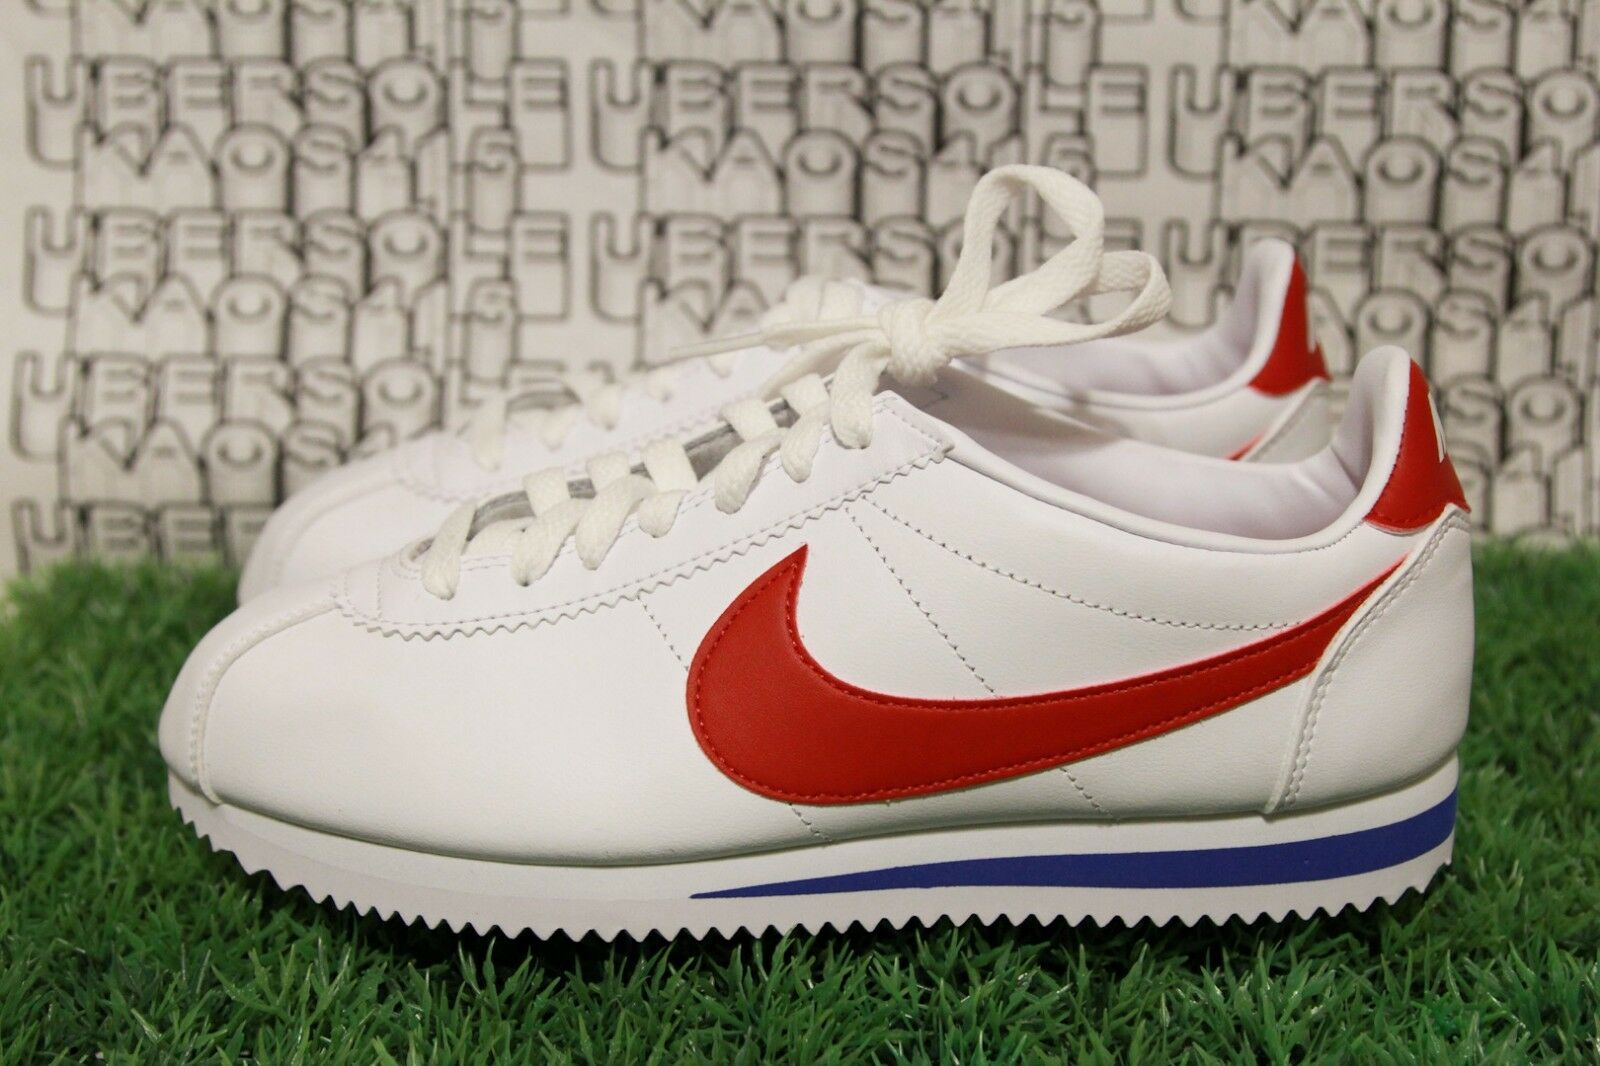 Nike Classic Cortez Forest Gump  OG qs bluee Red White 807471 103 WOMEN 9.5,MEN 8